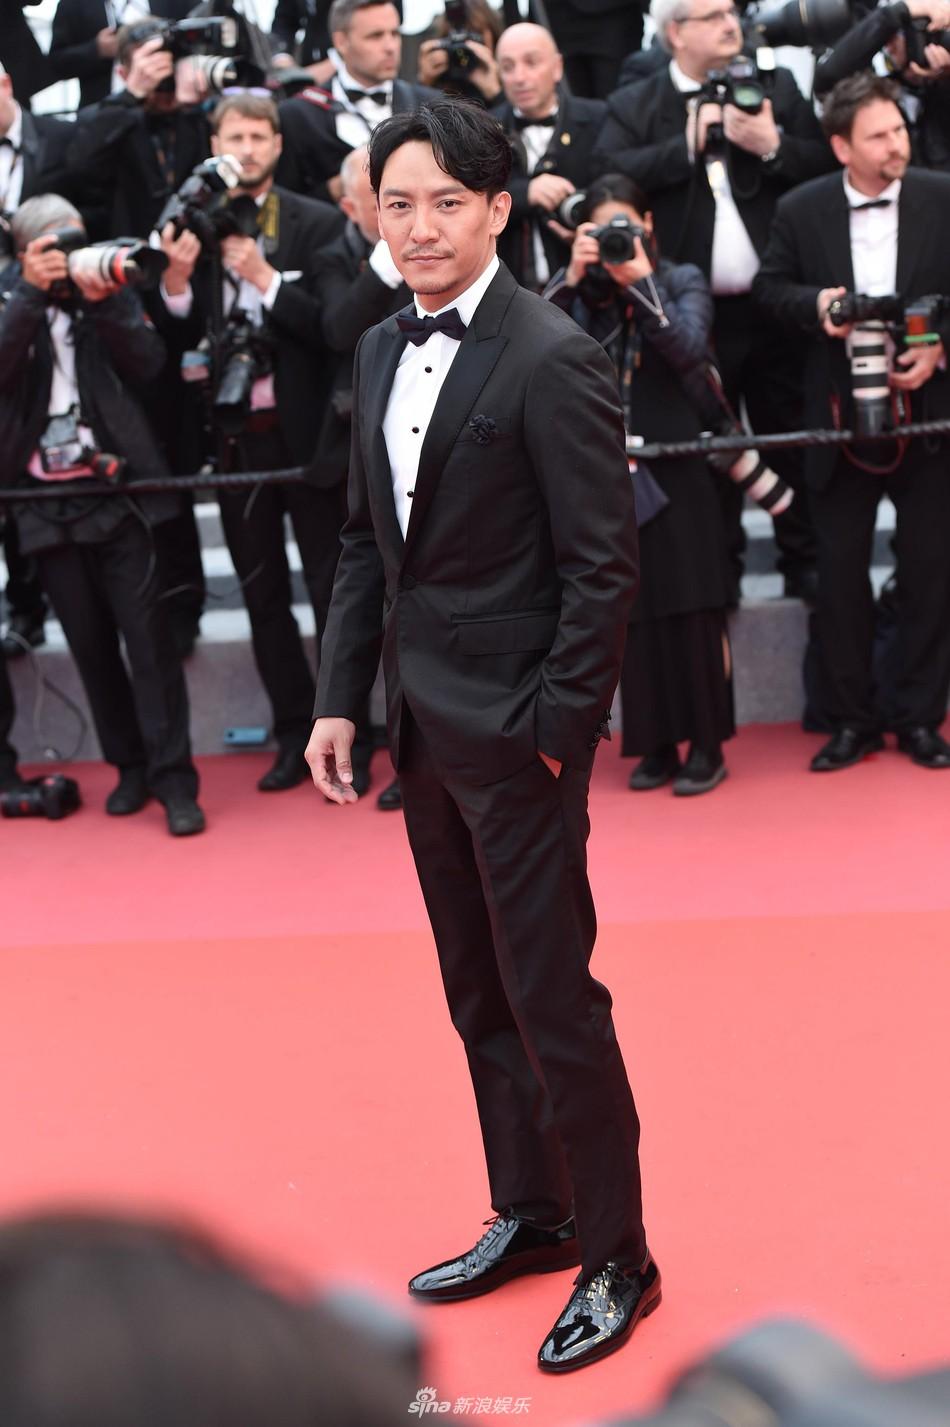 Thảm đỏ LHP Cannes: Huỳnh Hiểu Minh kém sắc, Yoo Ah In bảnh bao xuất hiện cùng dàn siêu mẫu xinh đẹp - Ảnh 23.